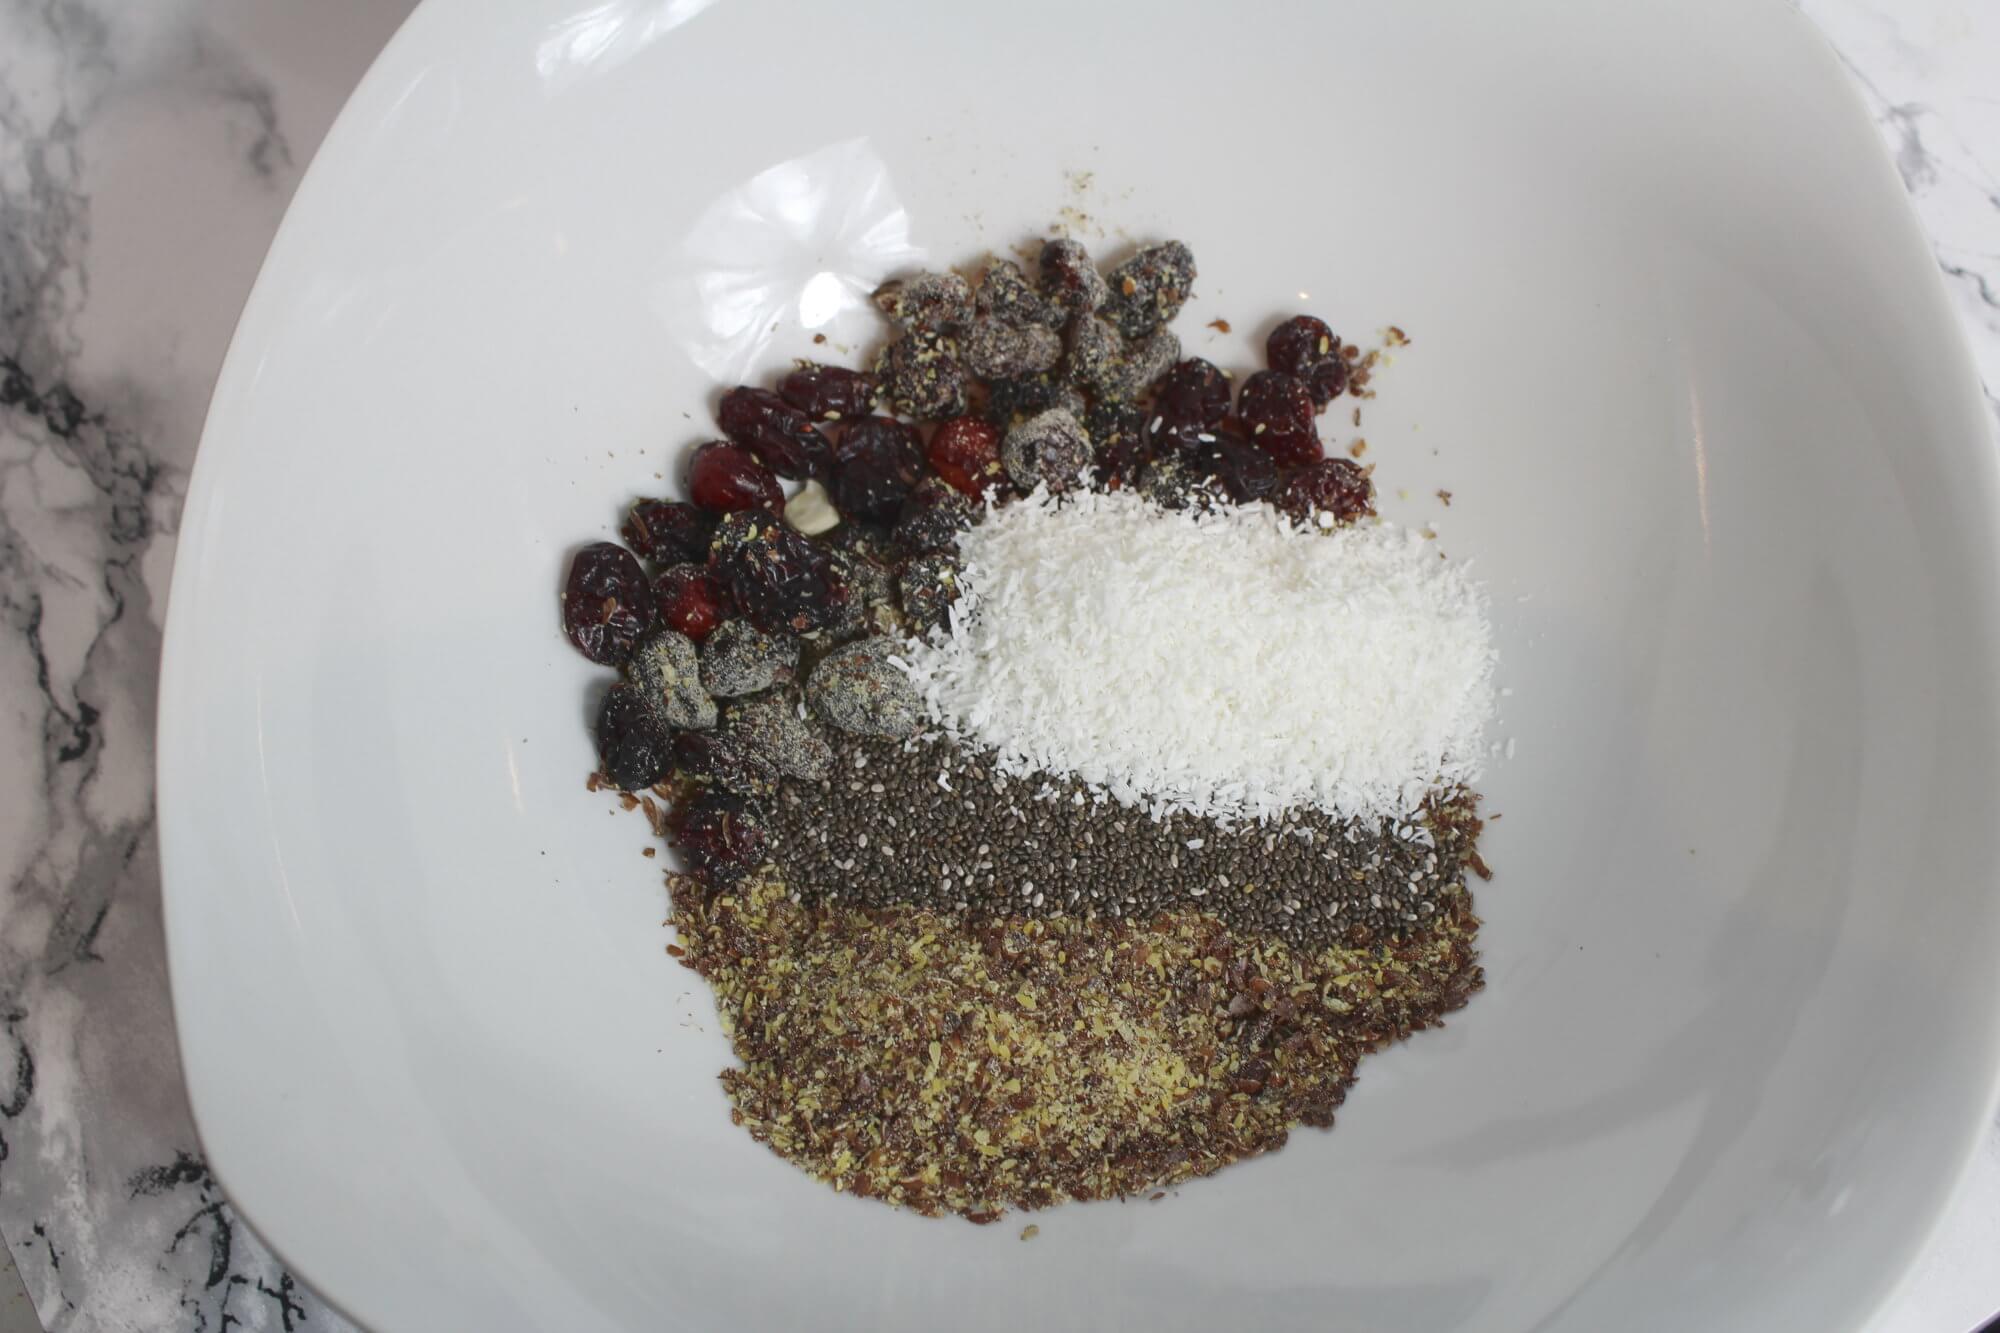 Knuspermüsli selber machen Samen als Zutaten